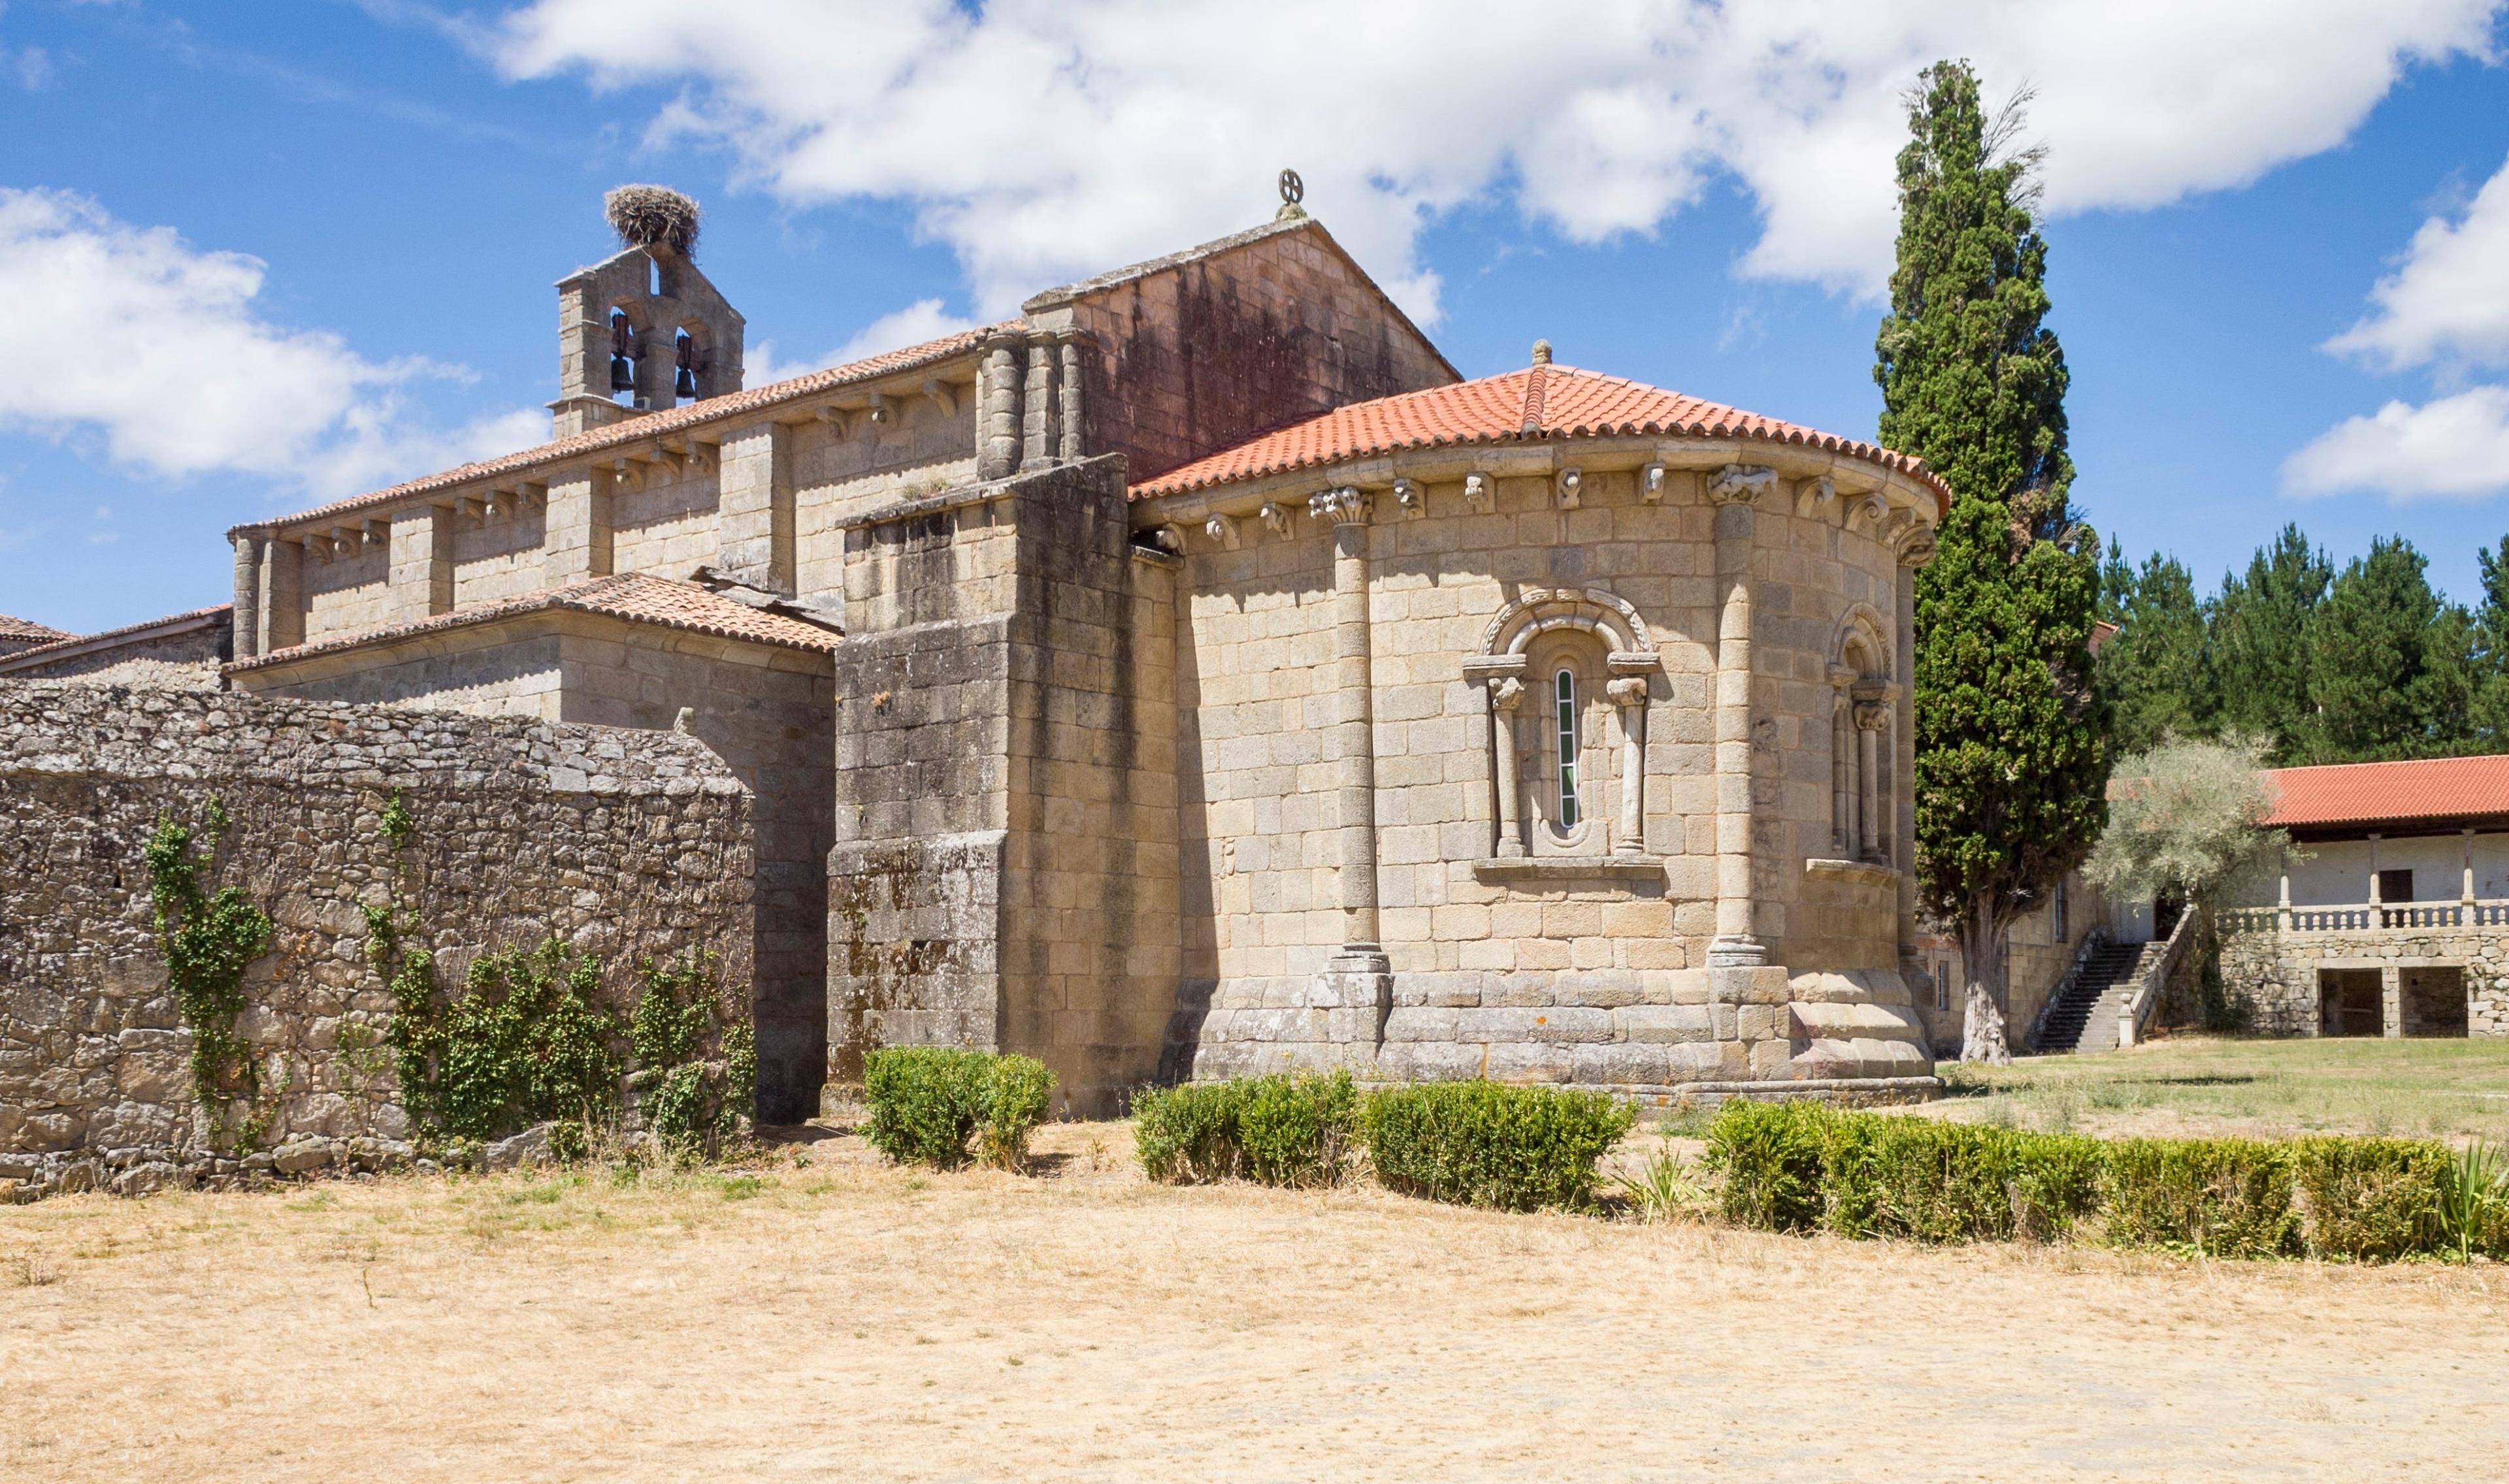 Panton, Galicia, Spain